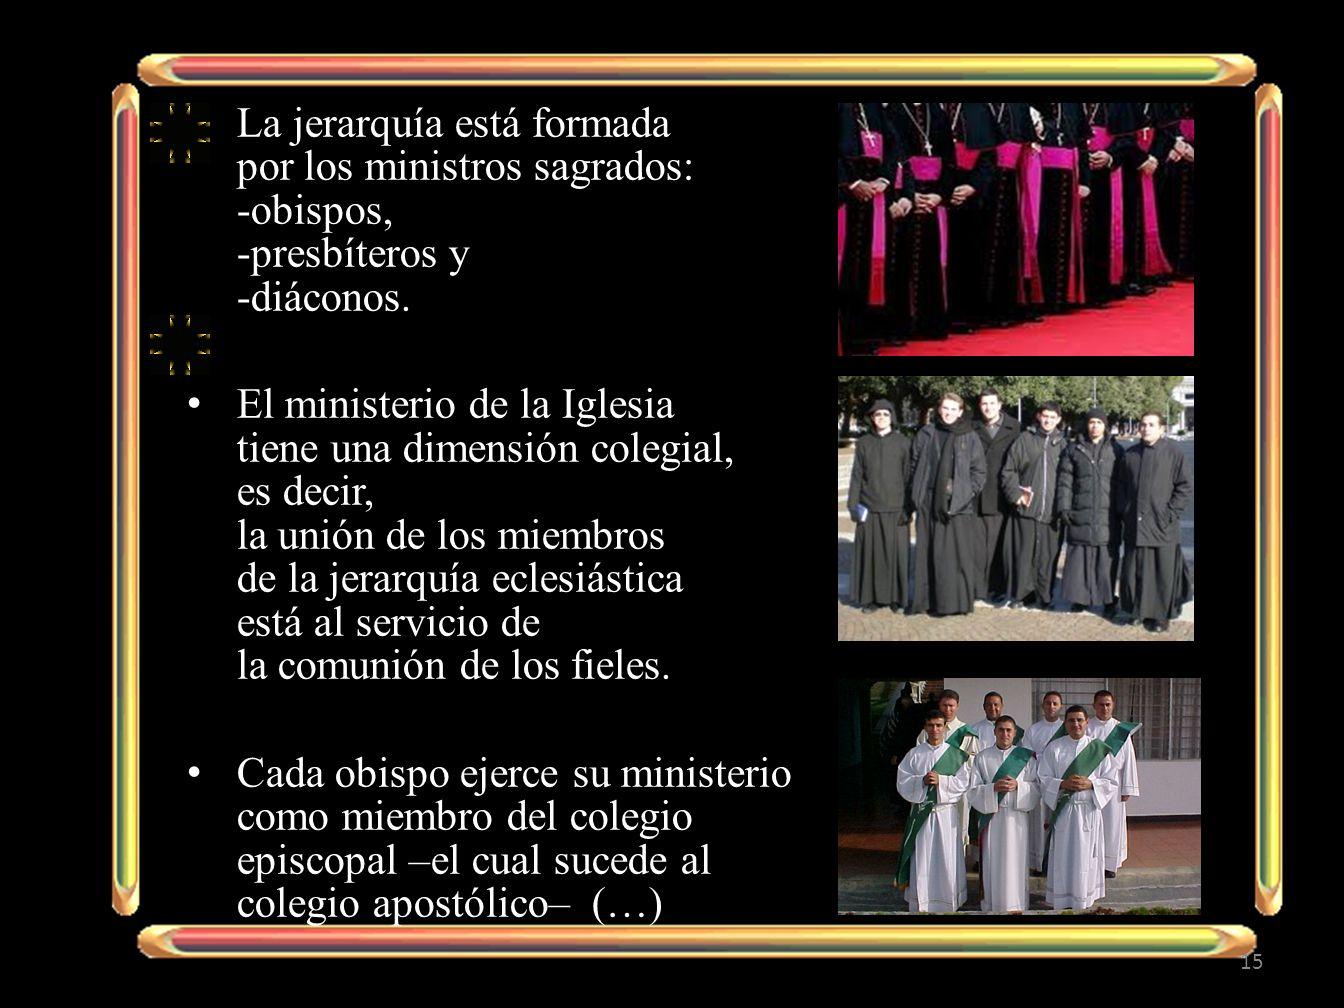 La jerarquía está formada por los ministros sagrados: -obispos, -presbíteros y -diáconos.